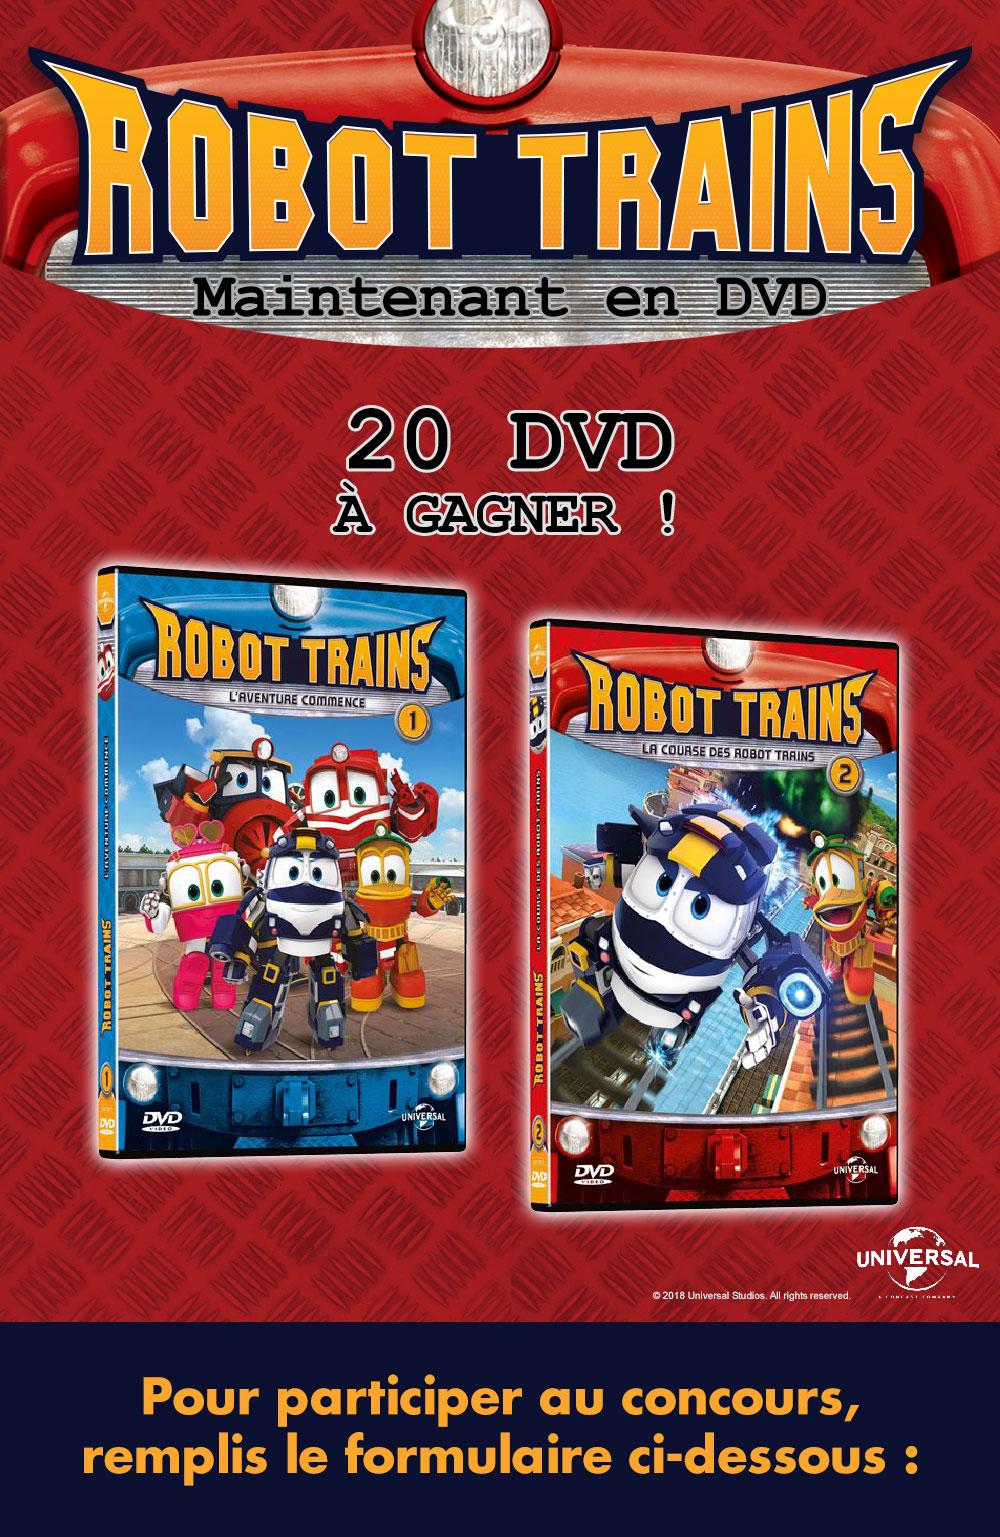 Gagne des DVD de Robot Trains!